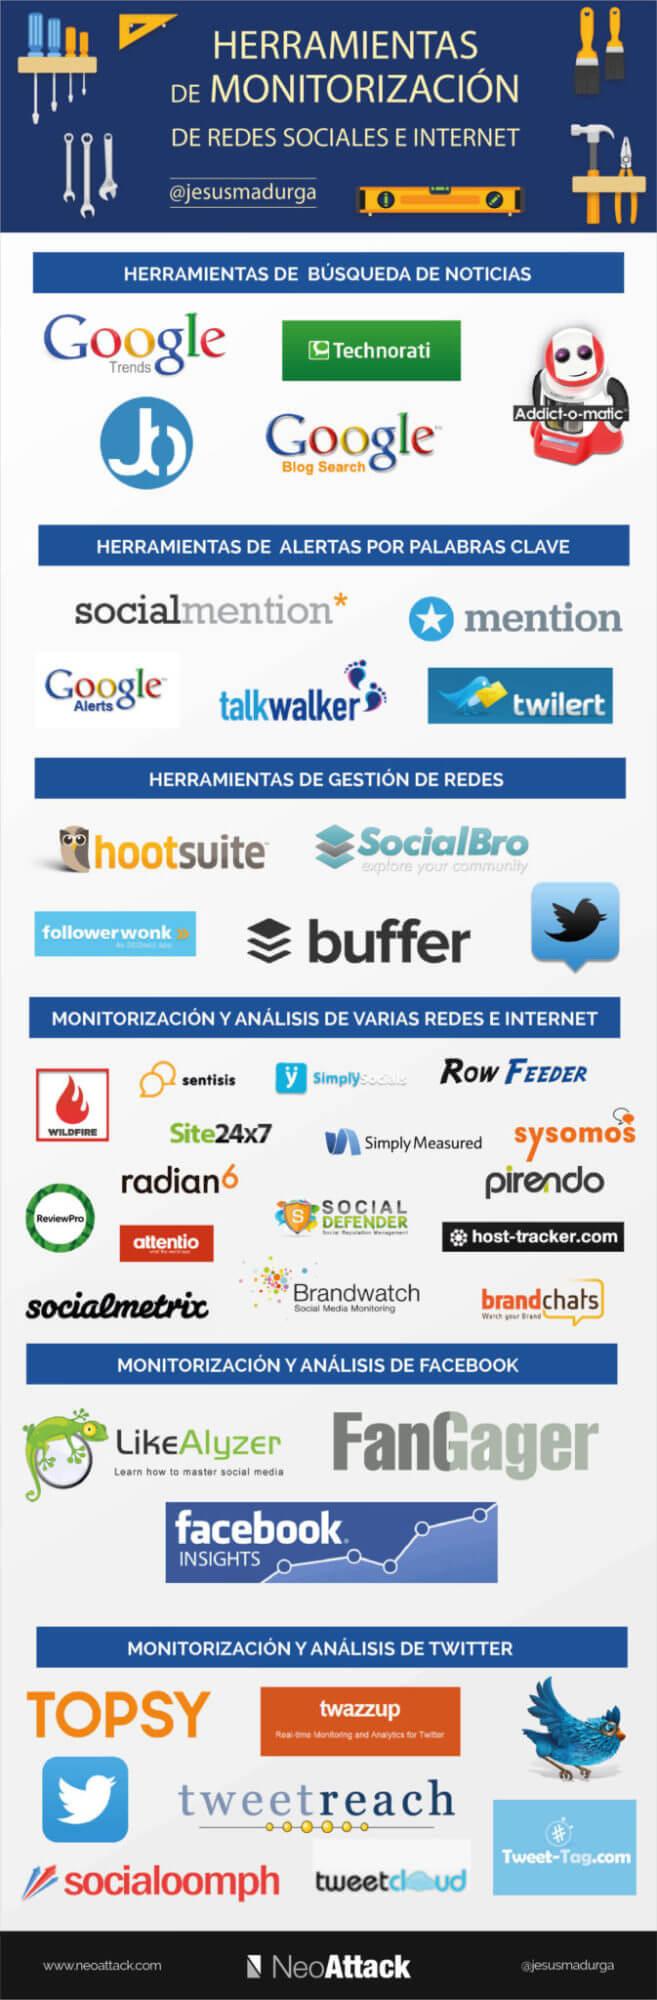 herramientas monitorización social media 2016